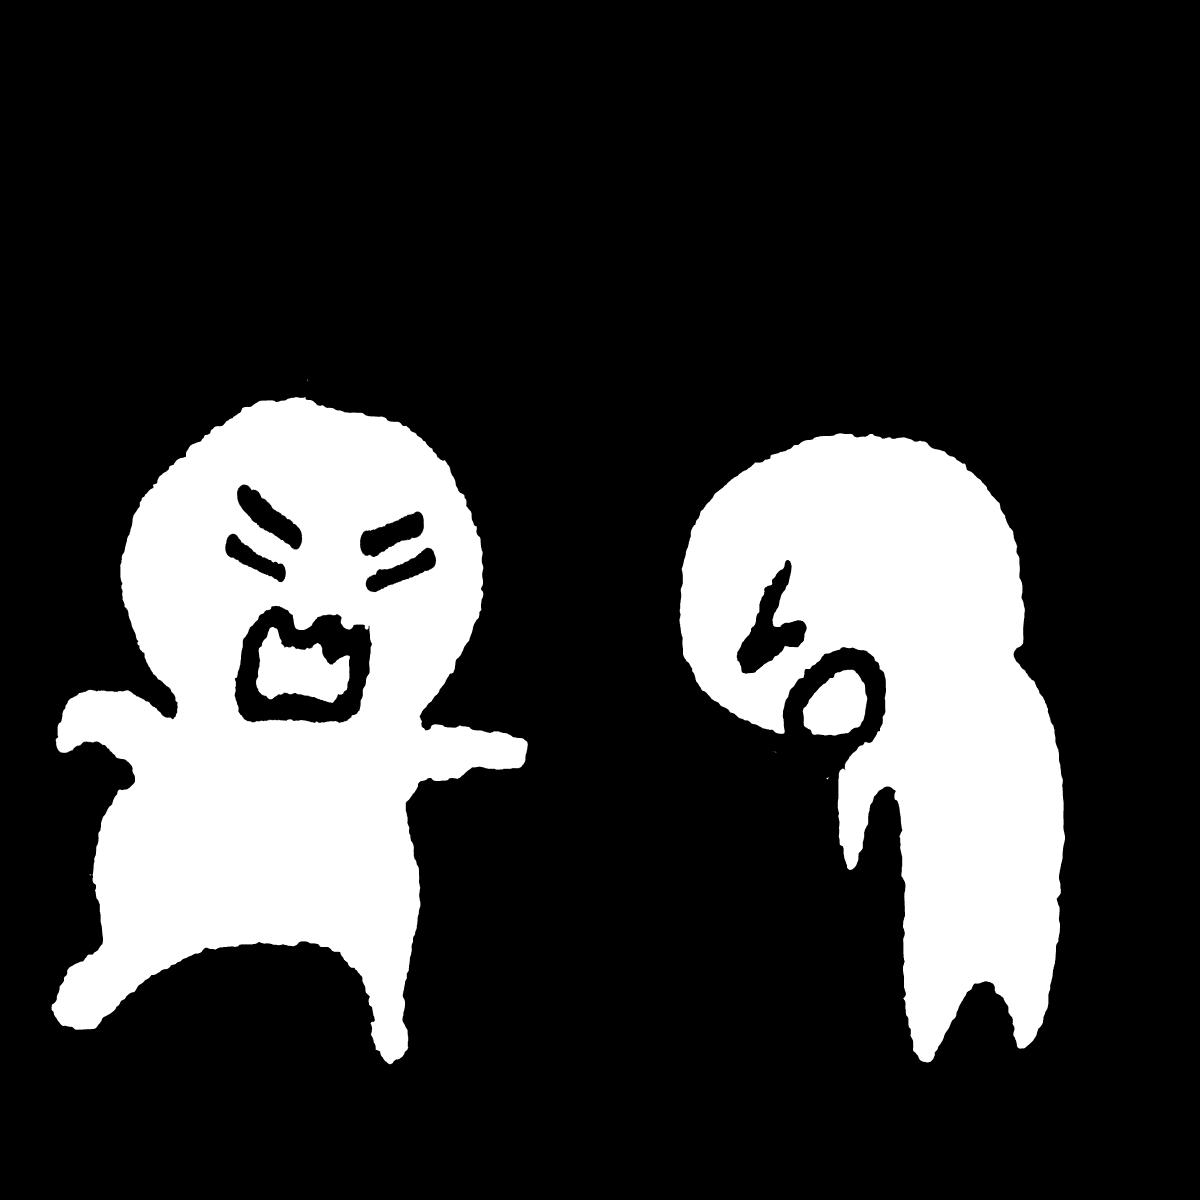 怒られるのイラスト / Get yelled at Illustration